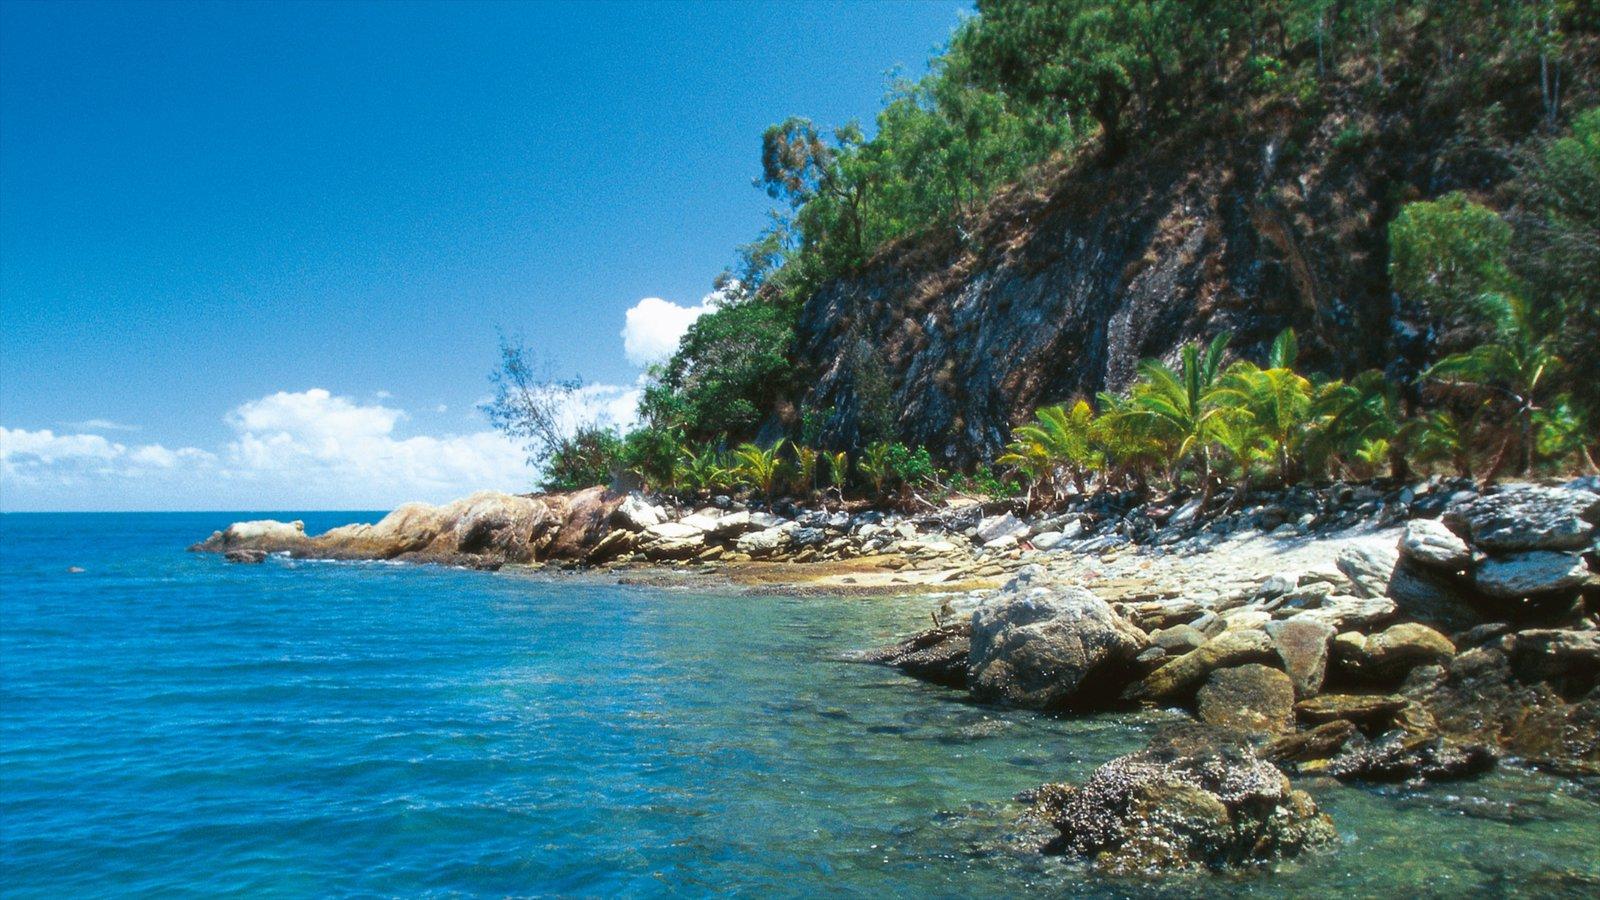 Palm Cove mostrando escenas tropicales, costa rocosa y vistas de paisajes